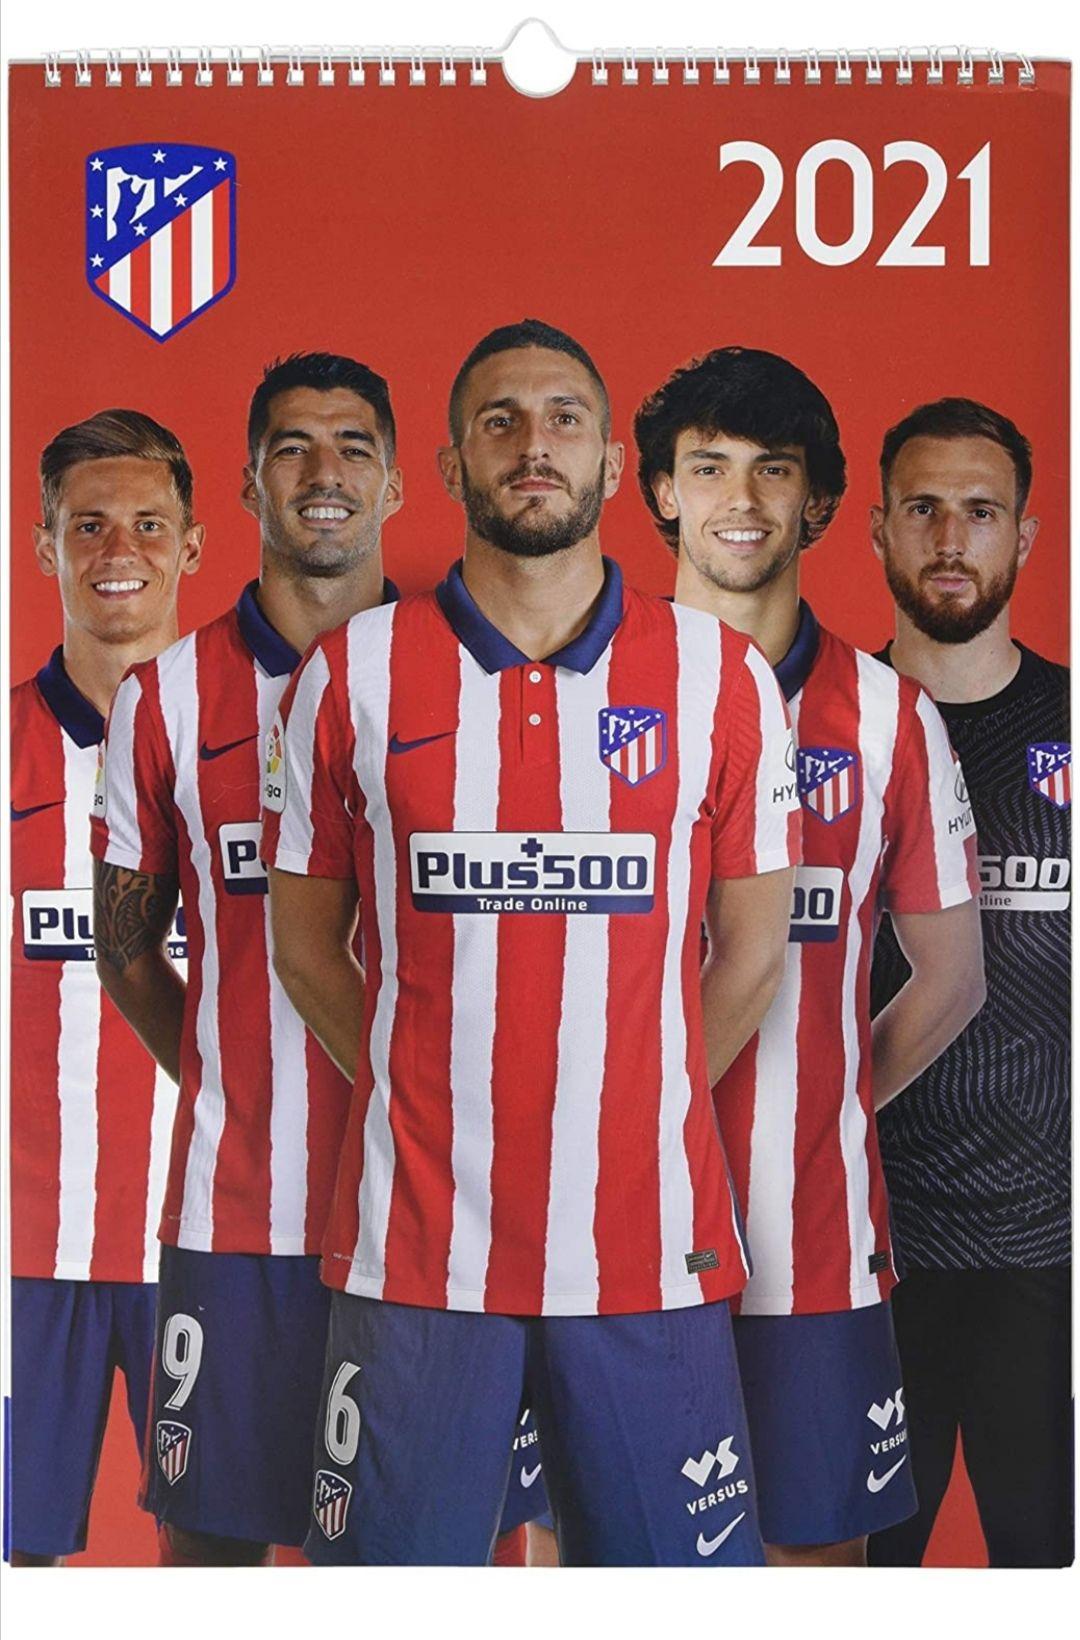 Calendario oficial Atlético de Madrid